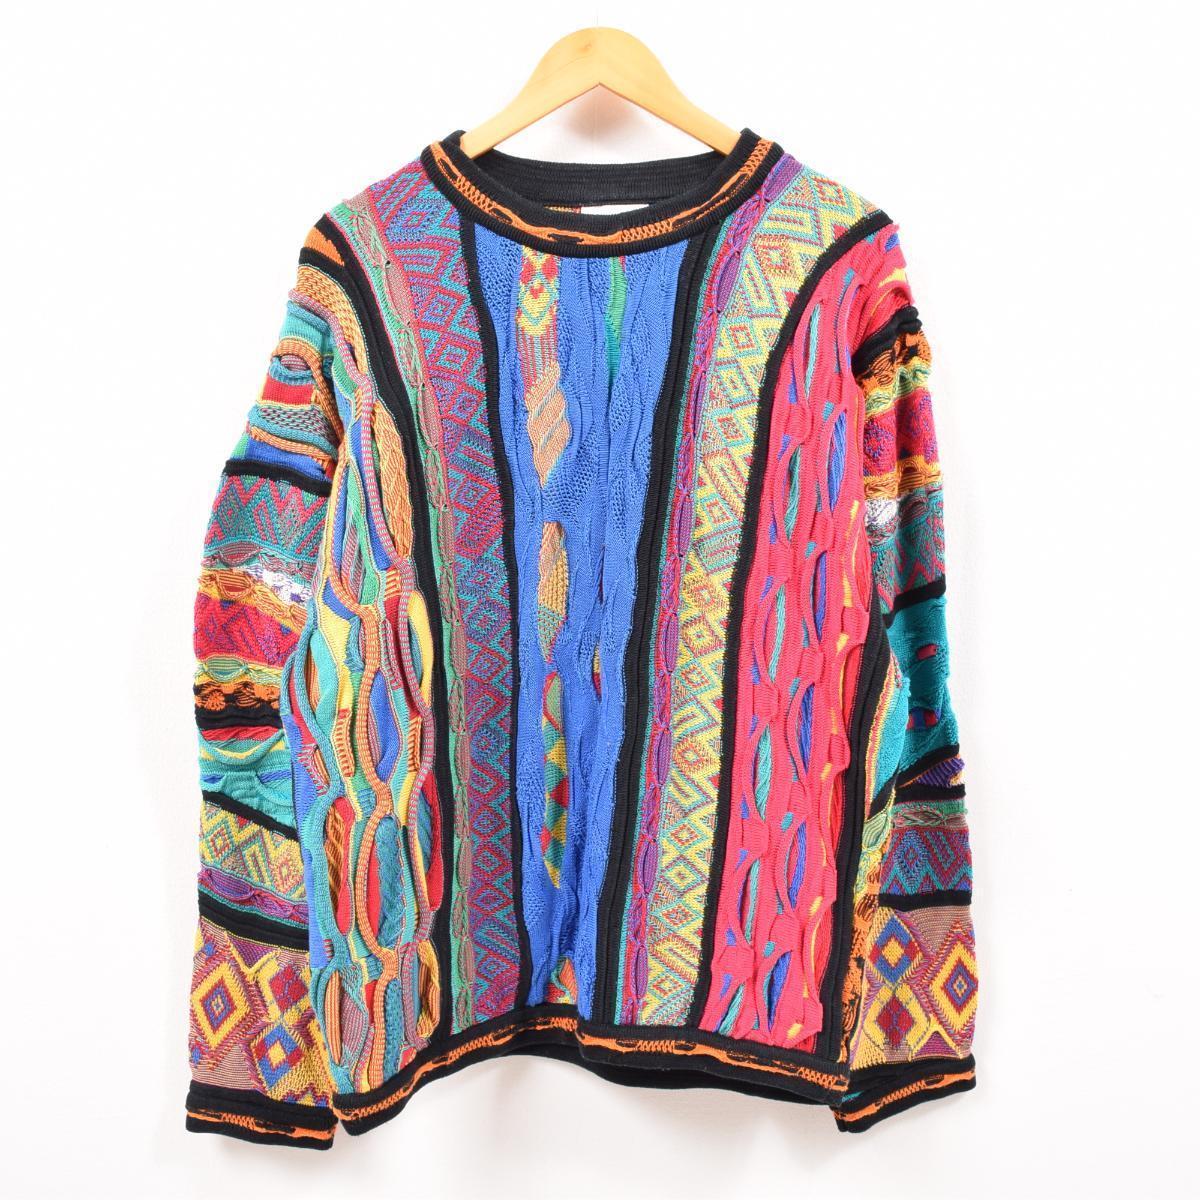 古着屋JAMが映画『八王子ゾンビーズ』に衣装提供